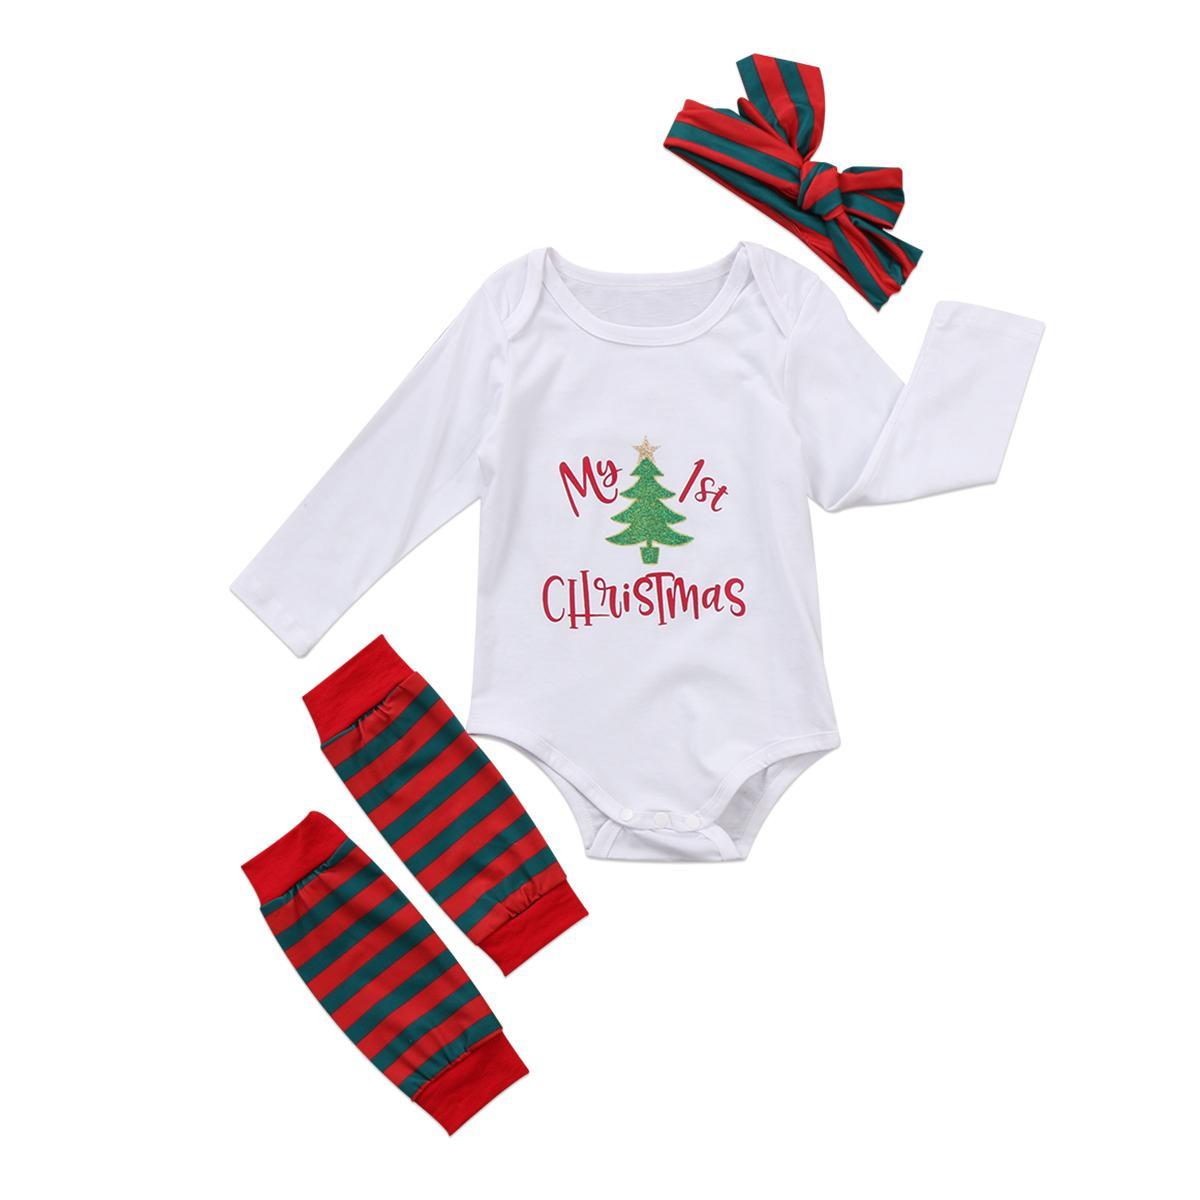 2020 Nouveau-né bébé Garçon Fille Vêtements de Noël Ensembles d'arbre Imprimer + Bodysuit chaussette + Bandeau Tenues 3pcs Vêtements 0-24M